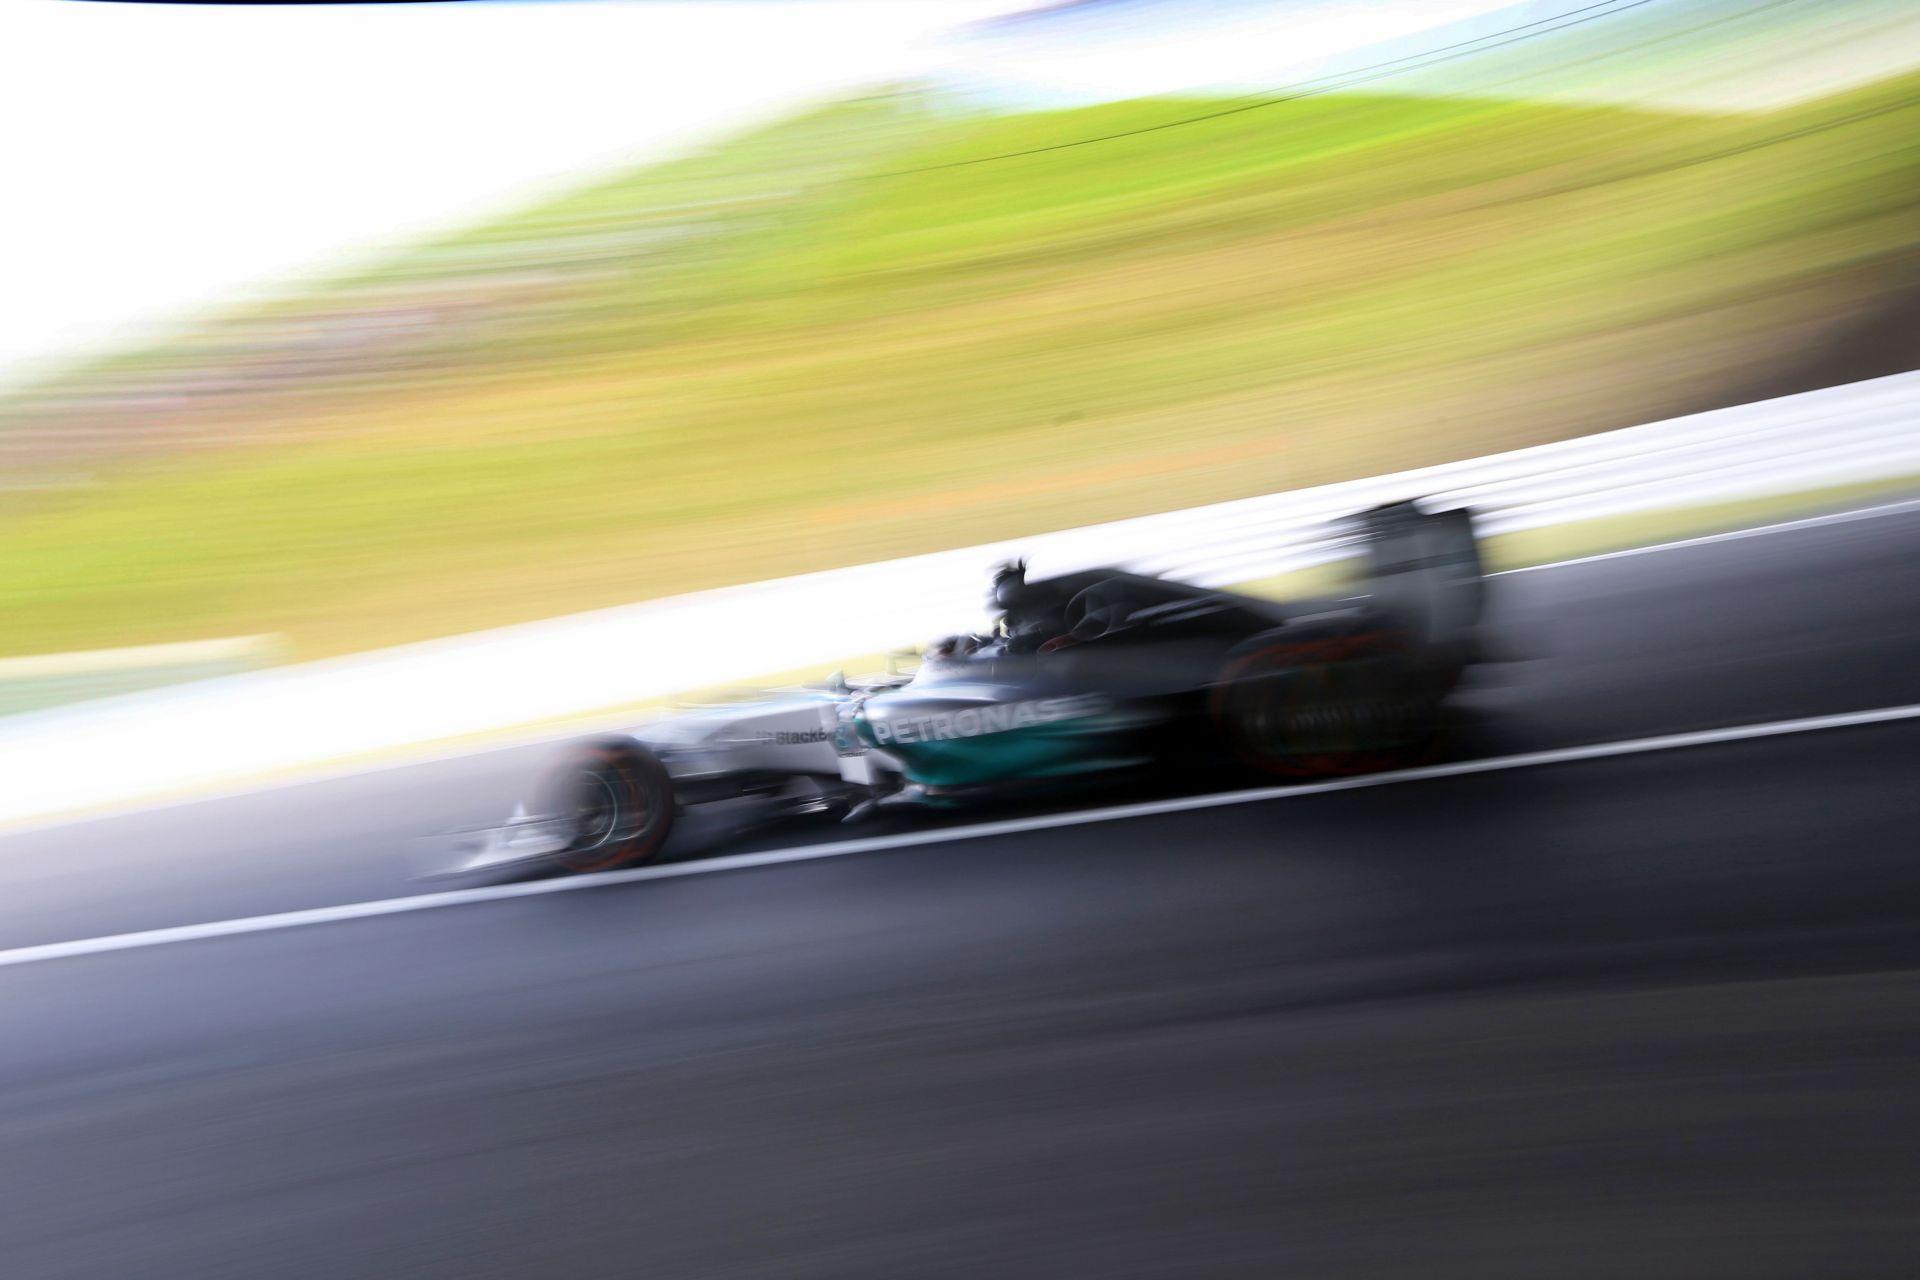 Hamilton Rosberg és Bottas előtt Japánban! Ricciardo és Kobayashi csúnyán megtörte az autóját Suzukában a második edzésen